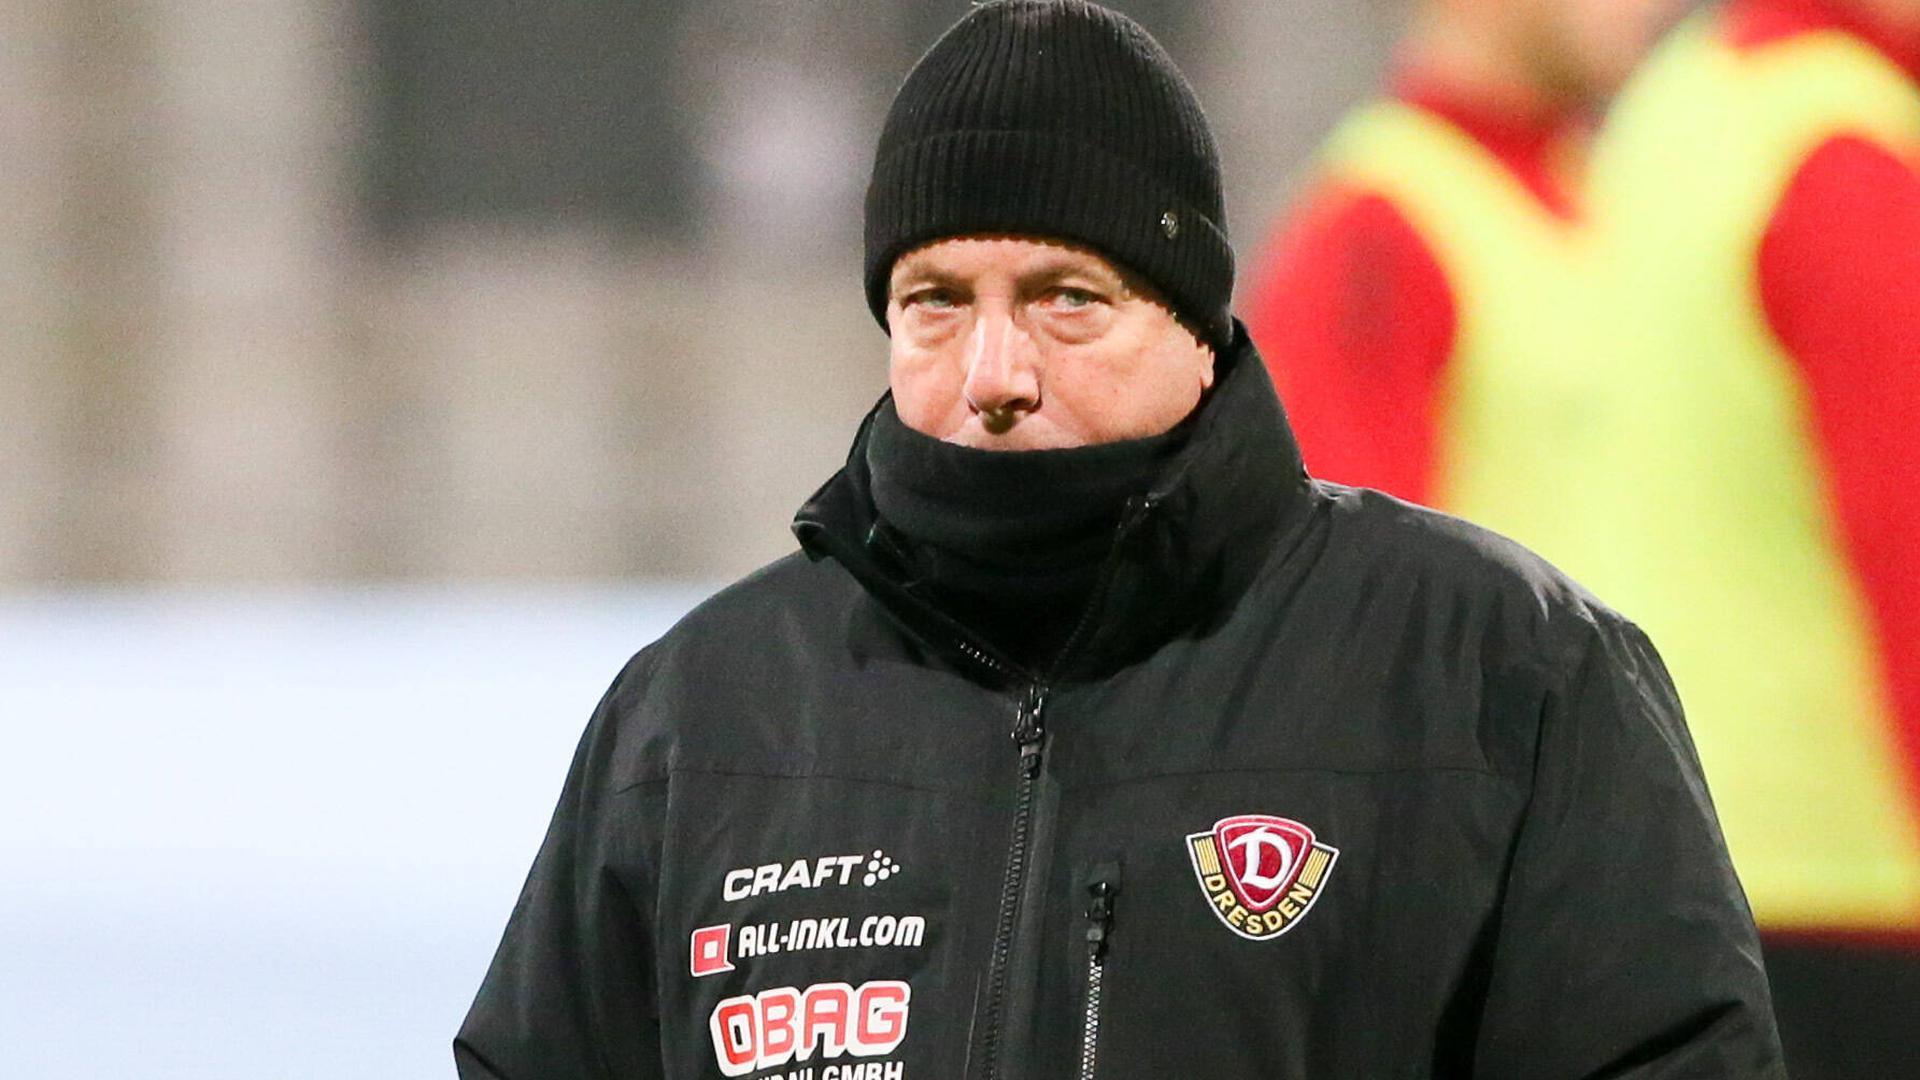 Positiv getestet: Dynamo Dresdens Trainer Markus Kauczinski, früher Chefcoach des KSC, muss für zehn Tage in Quarantäne.